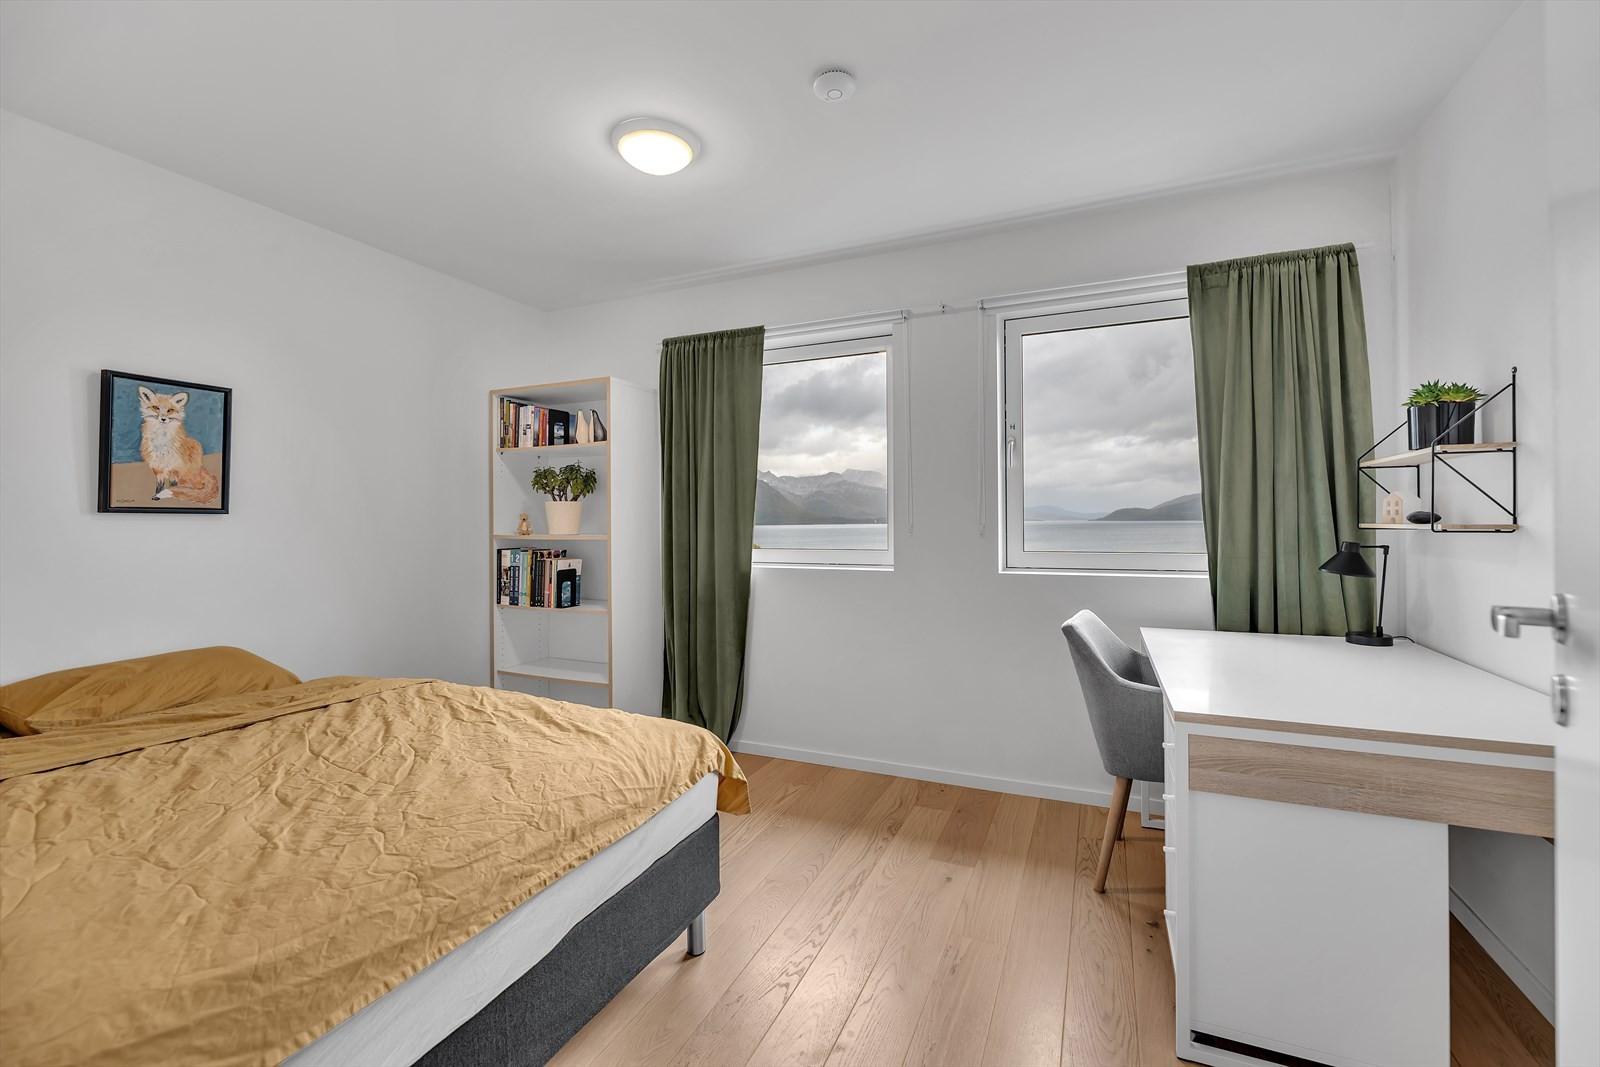 Soverom. Merk de mange vindu og vindusflater  som gir en lys og trivelig atmosfære.